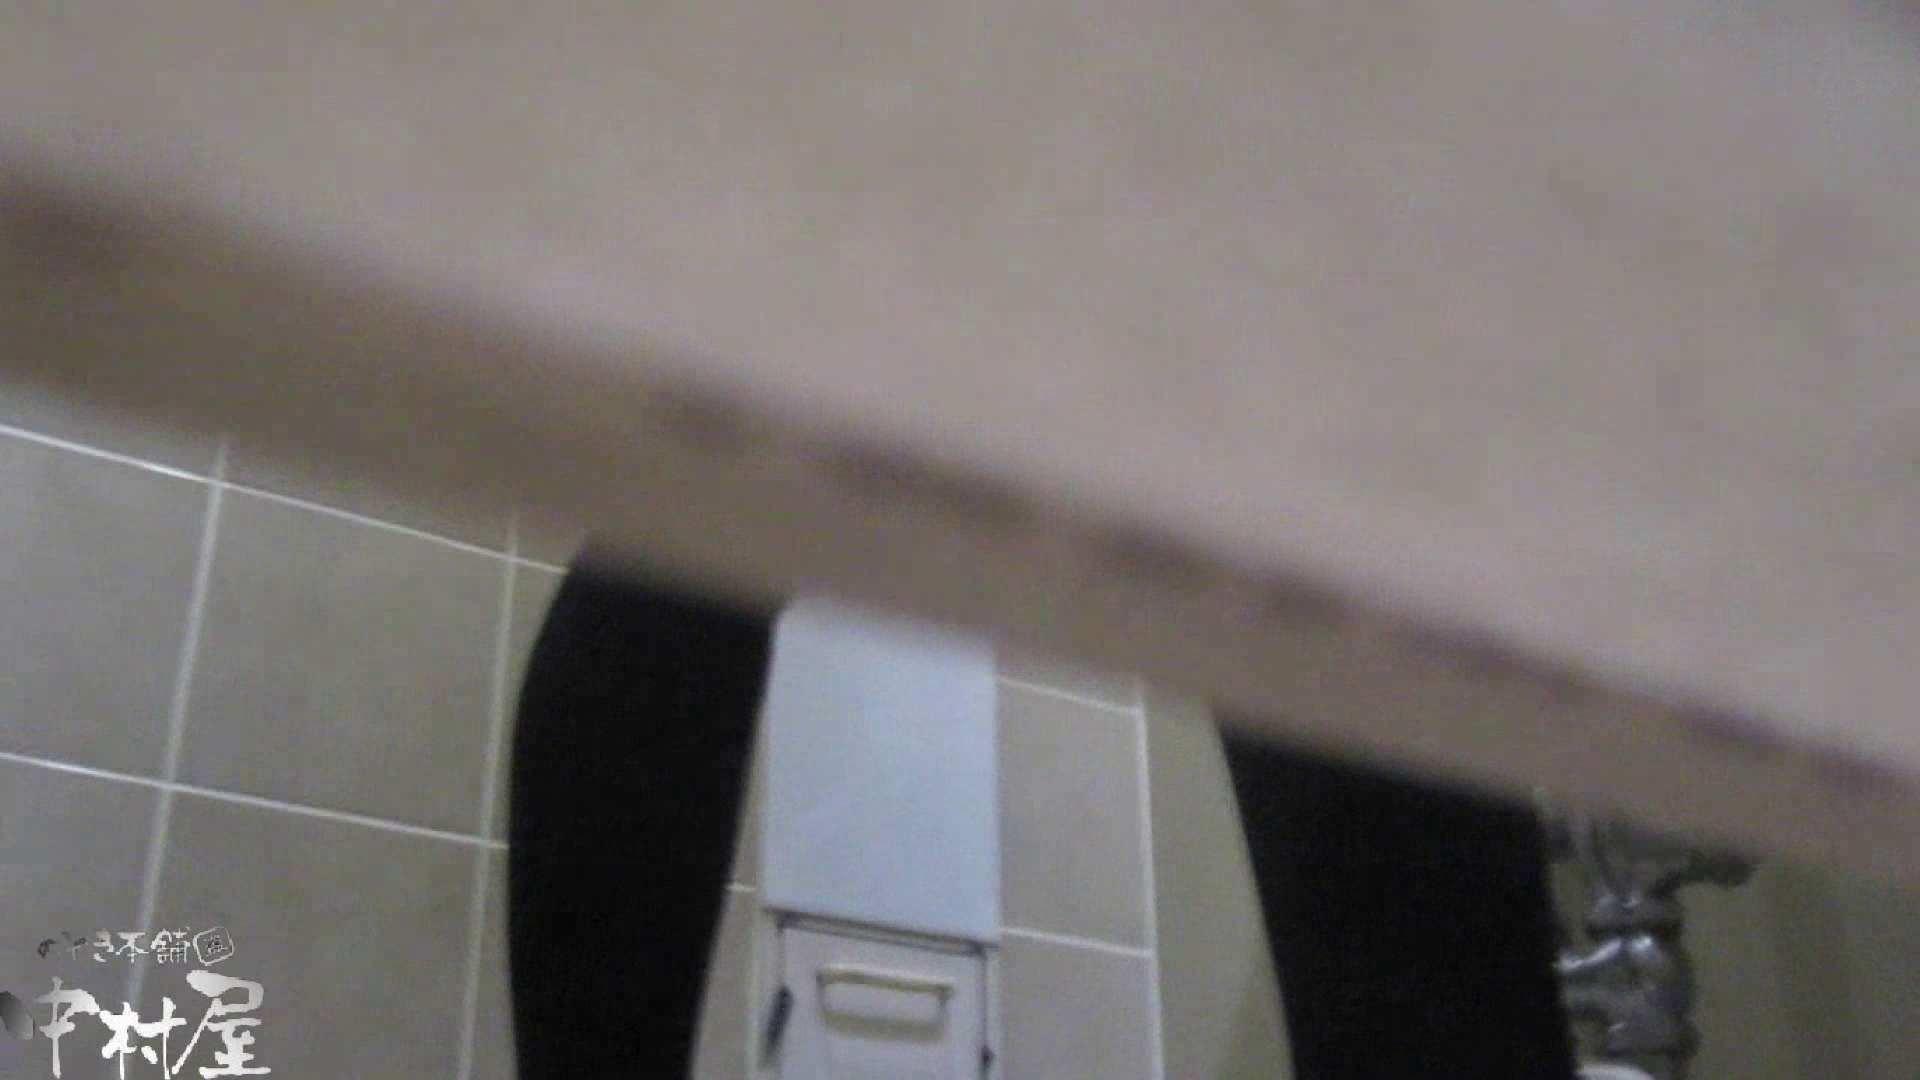 魂のかわや盗撮62連発! ハイソックスギャルの・・・ 20発目! 女体盗撮 | 黄金水  106連発 22